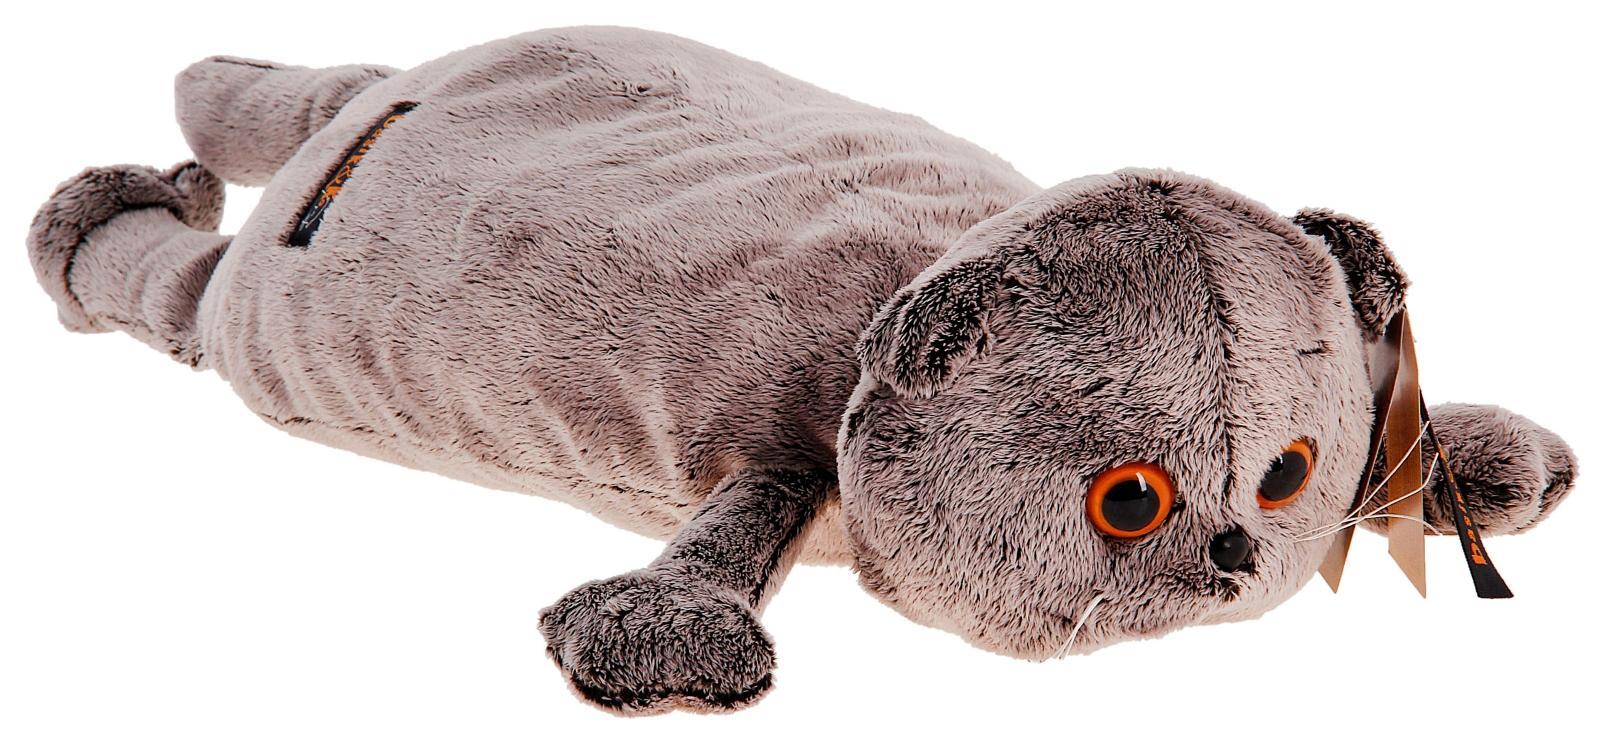 Купить BUDI BASA Кот-подушка | 40см - мягкая игрушка, Россия